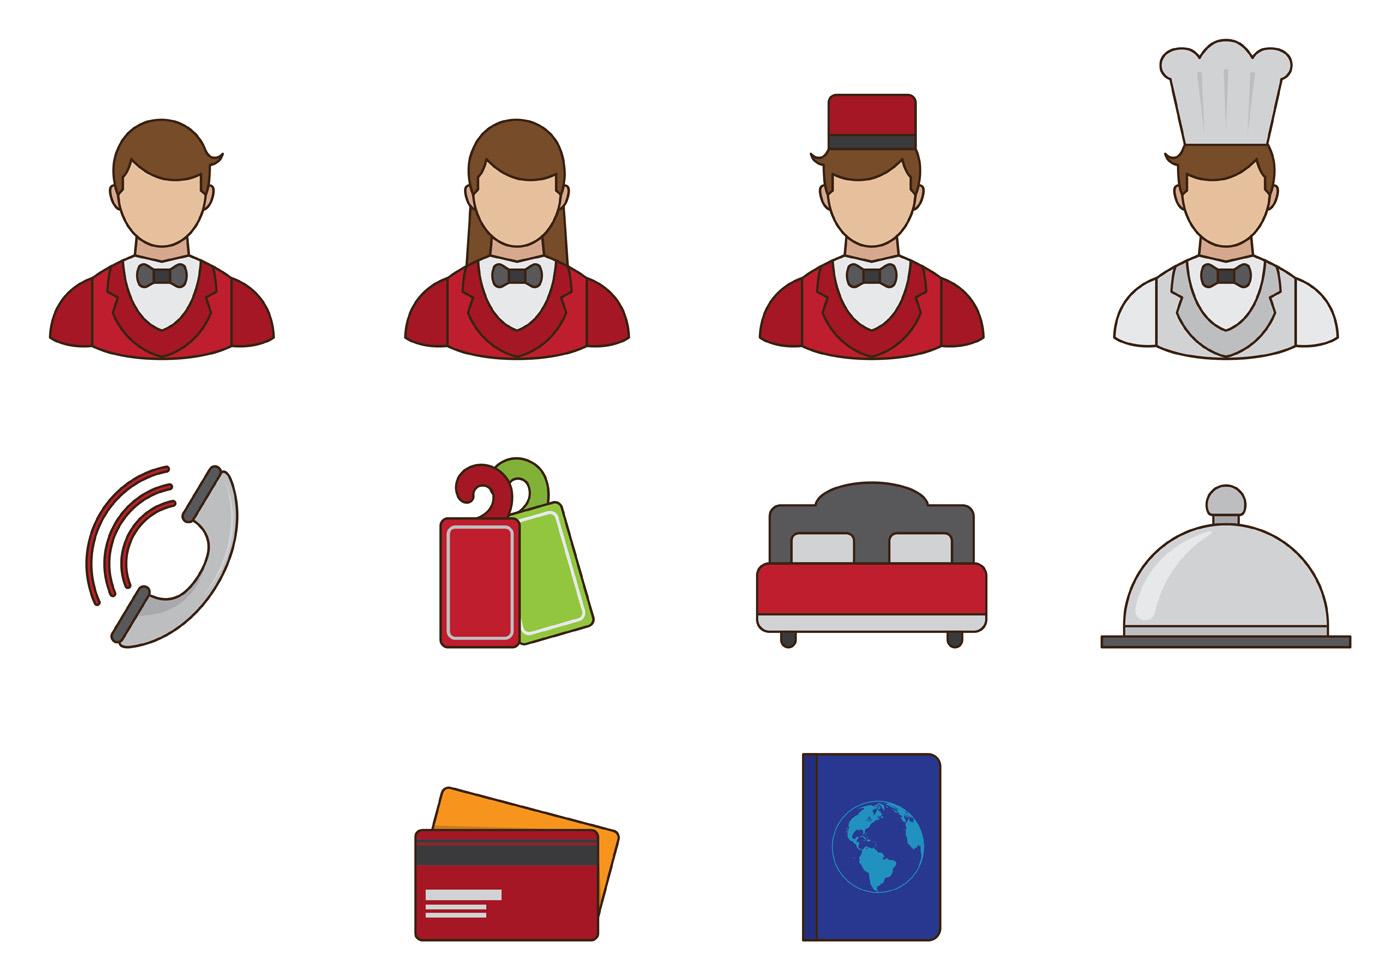 Concierge Vector Icon - Download Free Vectors, Clipart ...